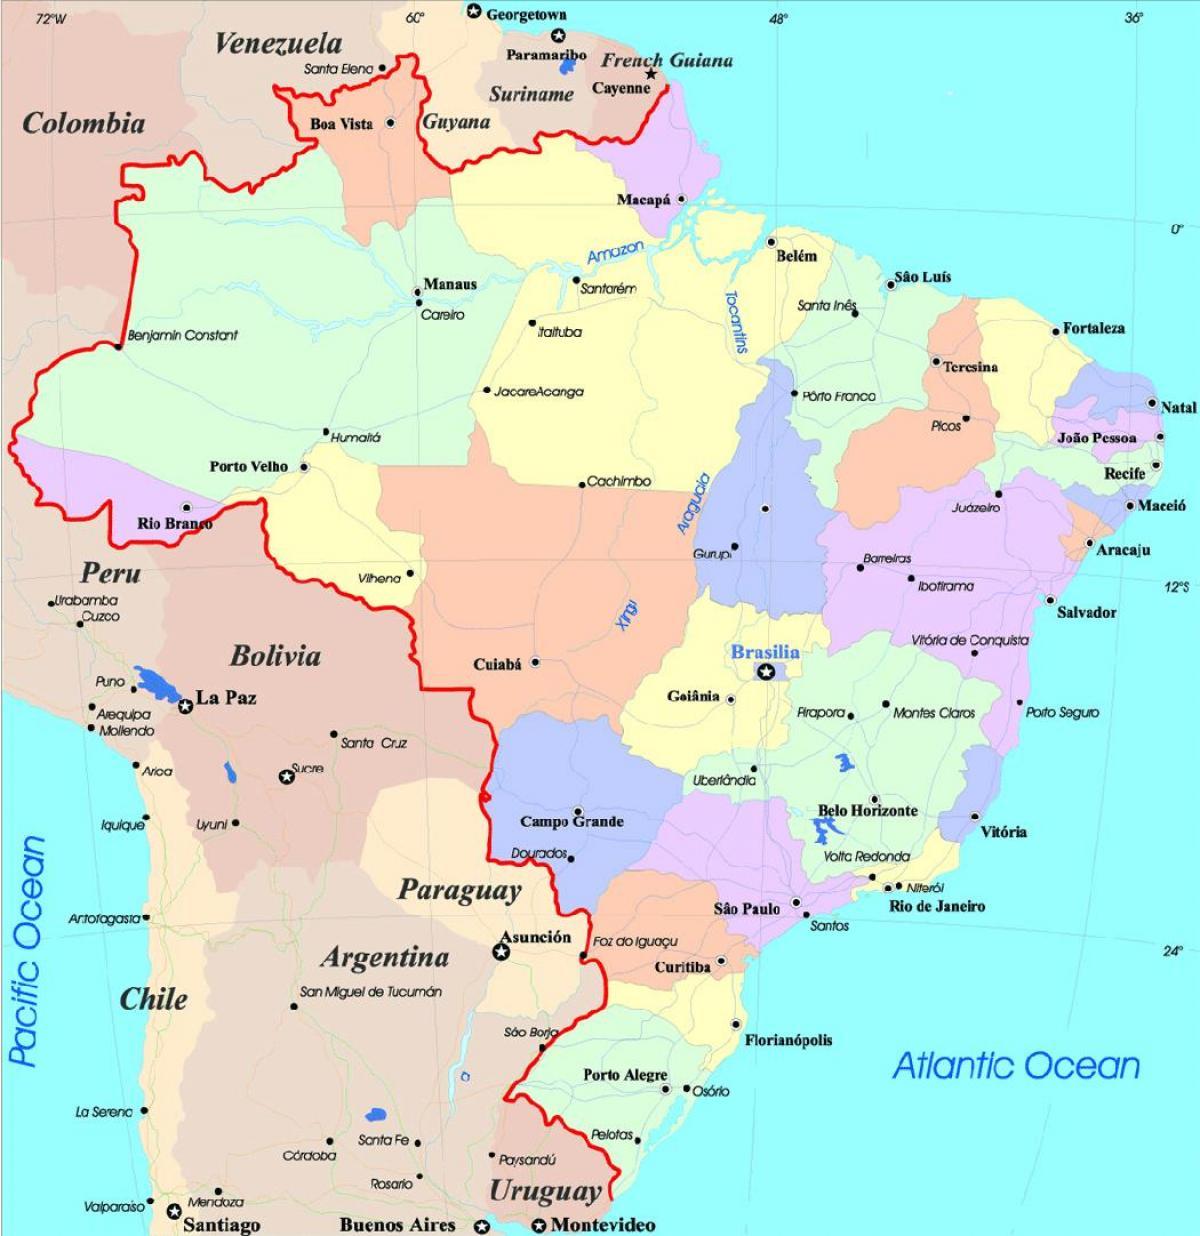 brasilien karte städte Karte von Brasilien mit den Städten   Karte der Städte in